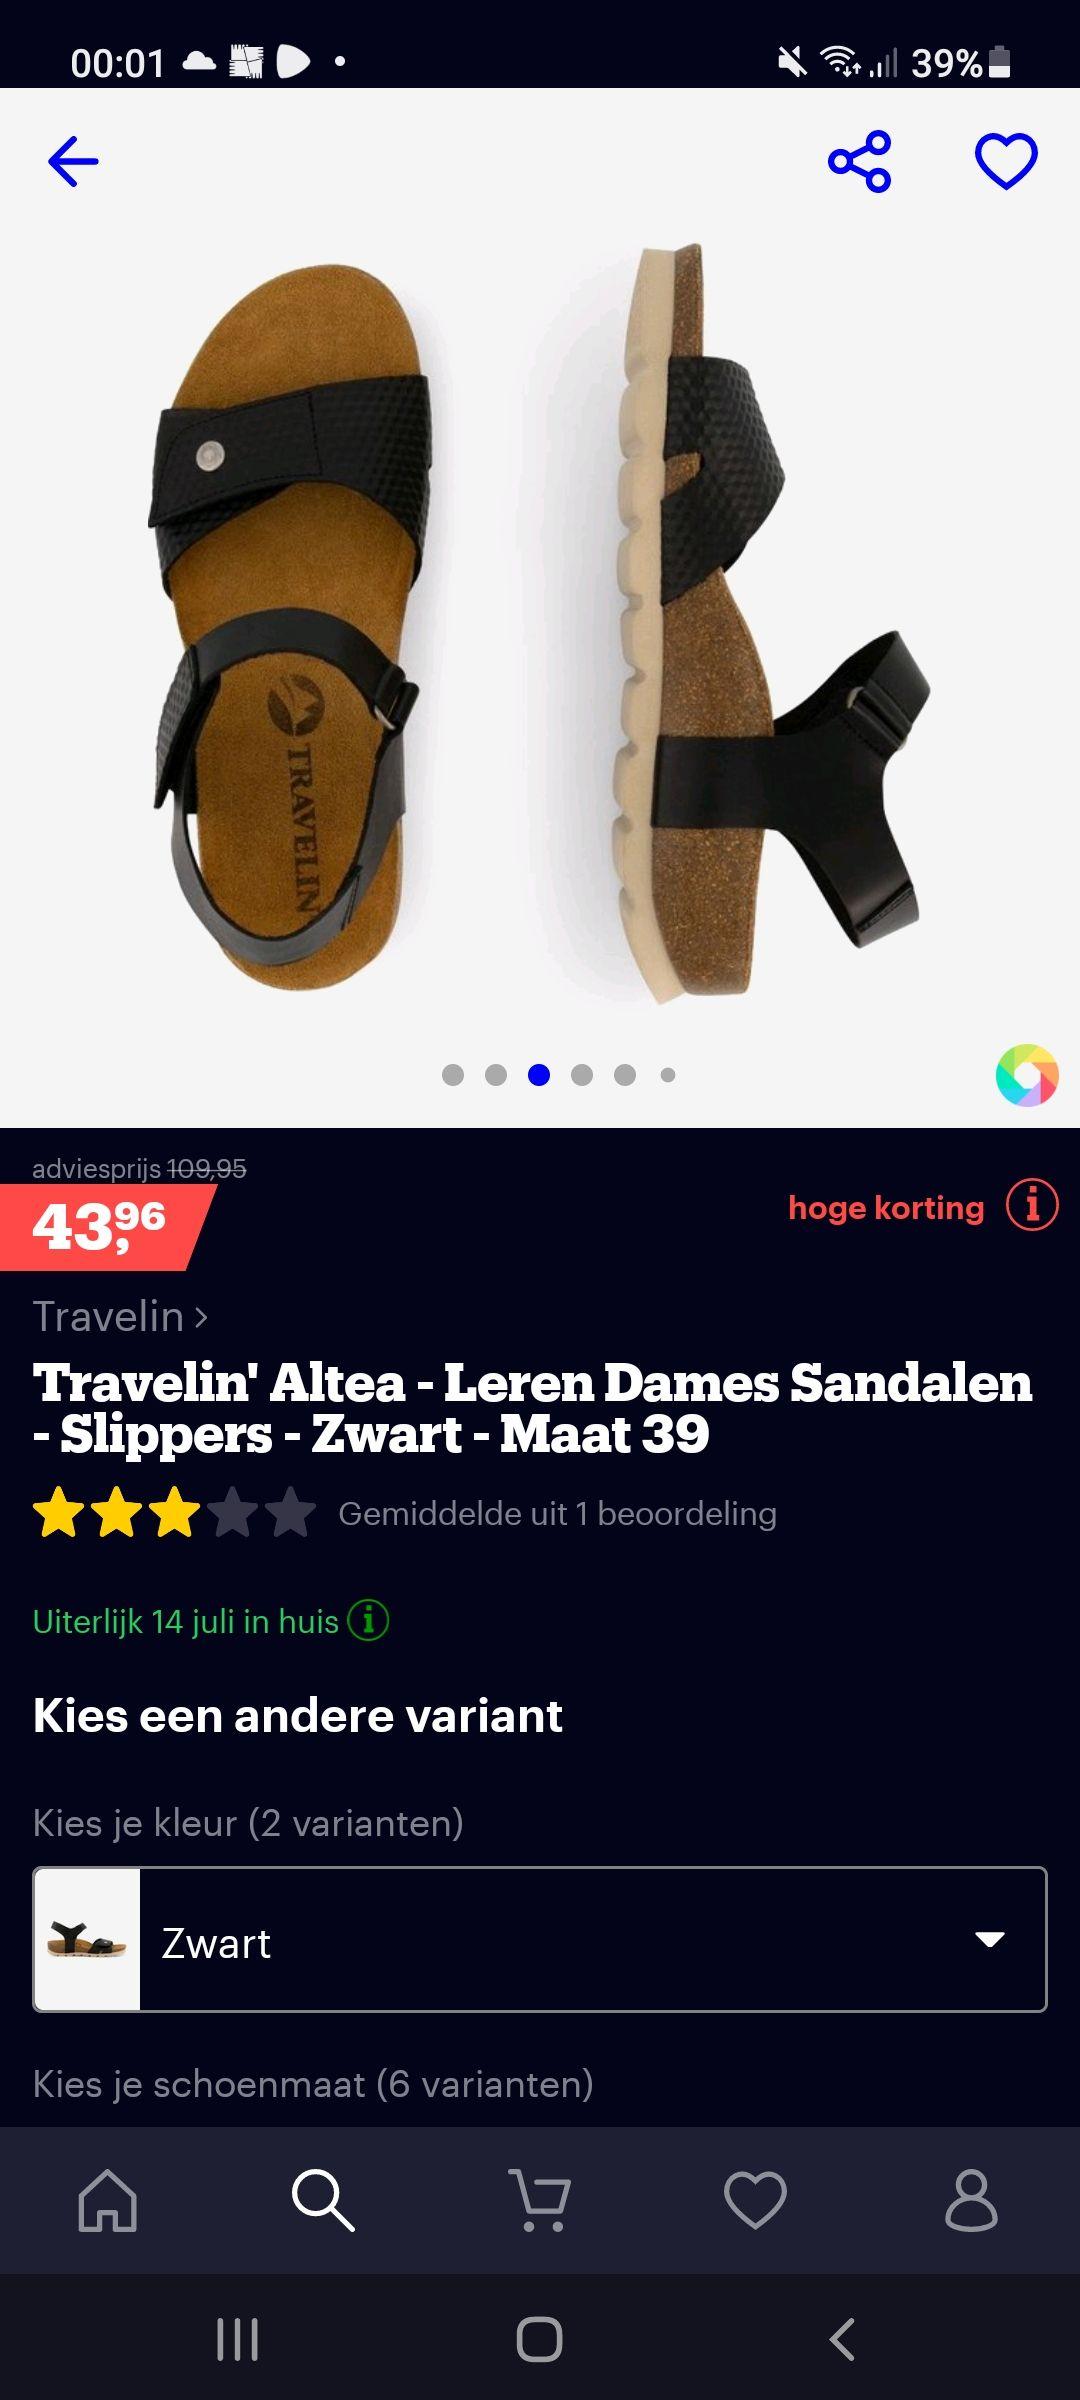 Travelin' Altea leren dames sandalen en meer!